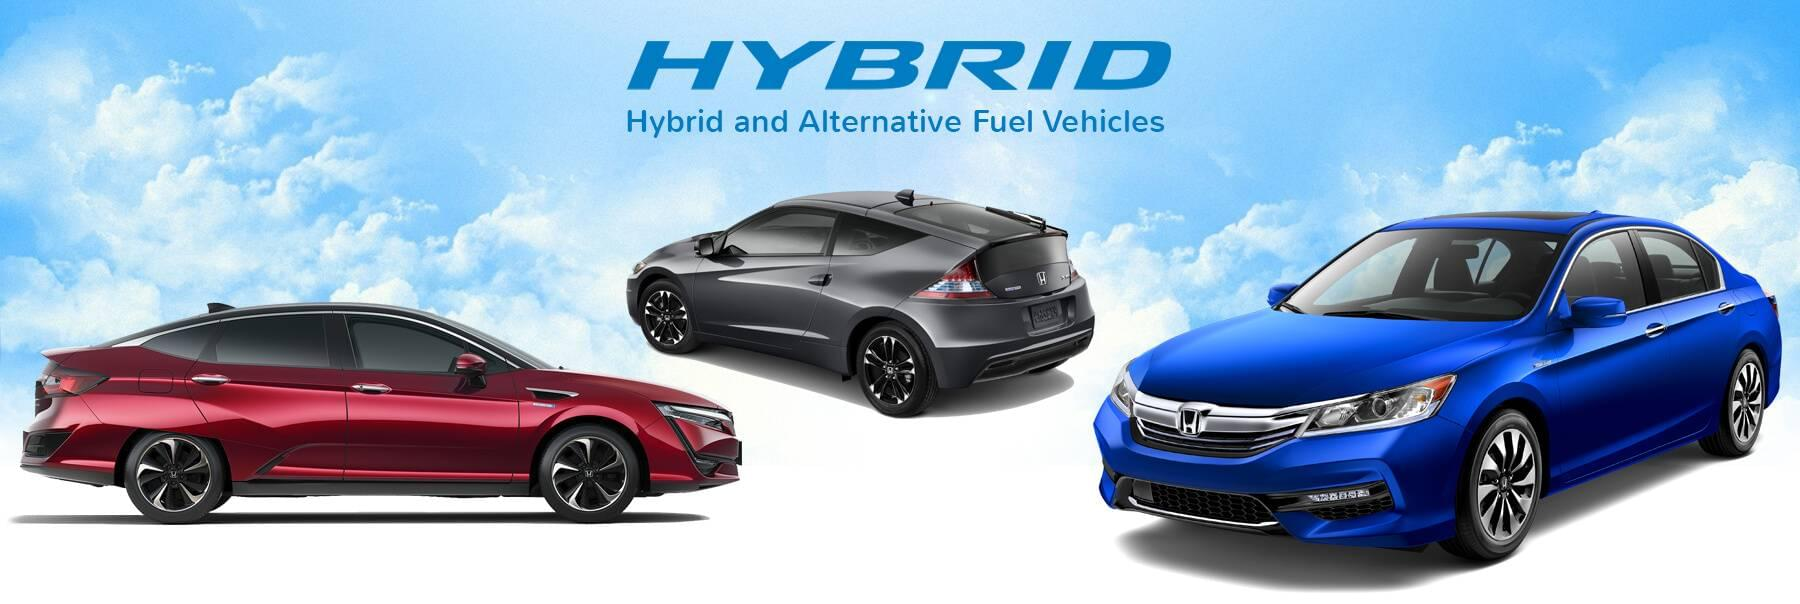 Honda - Hybrid battery Repair/Replacement - Vehicle Repair and Maintenance